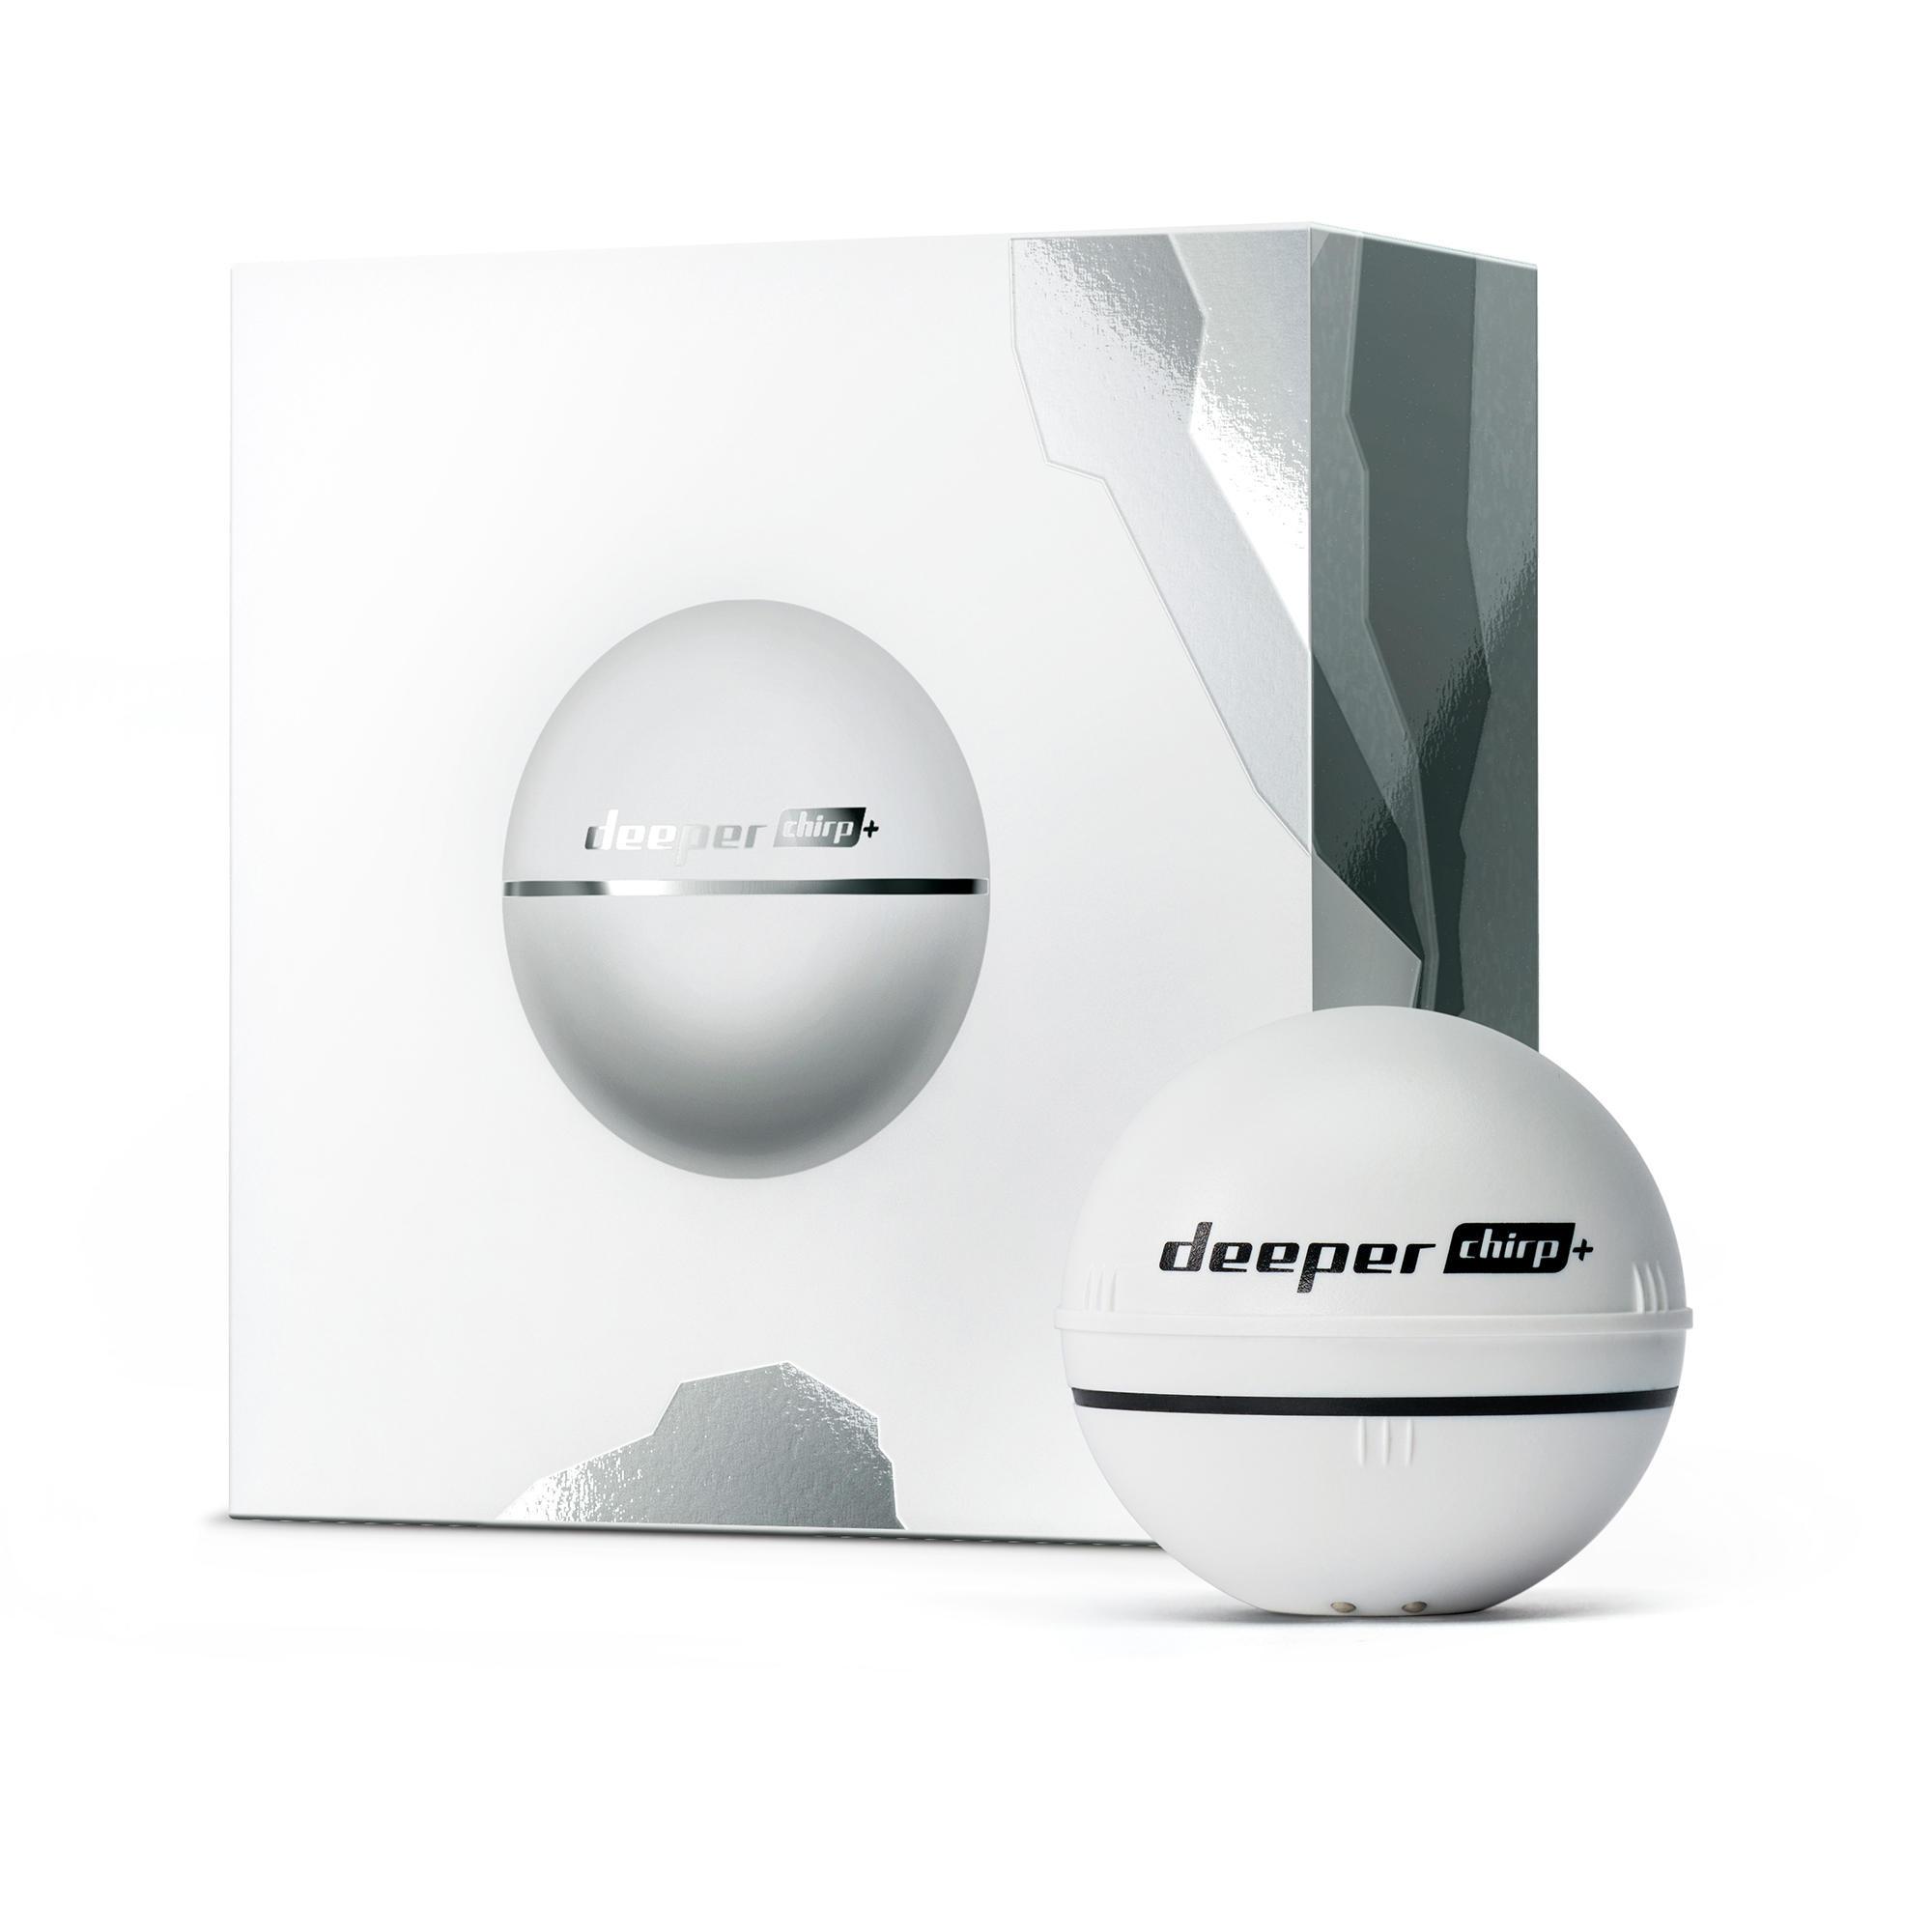 Sonar DEEPER CHIRP+ Alb